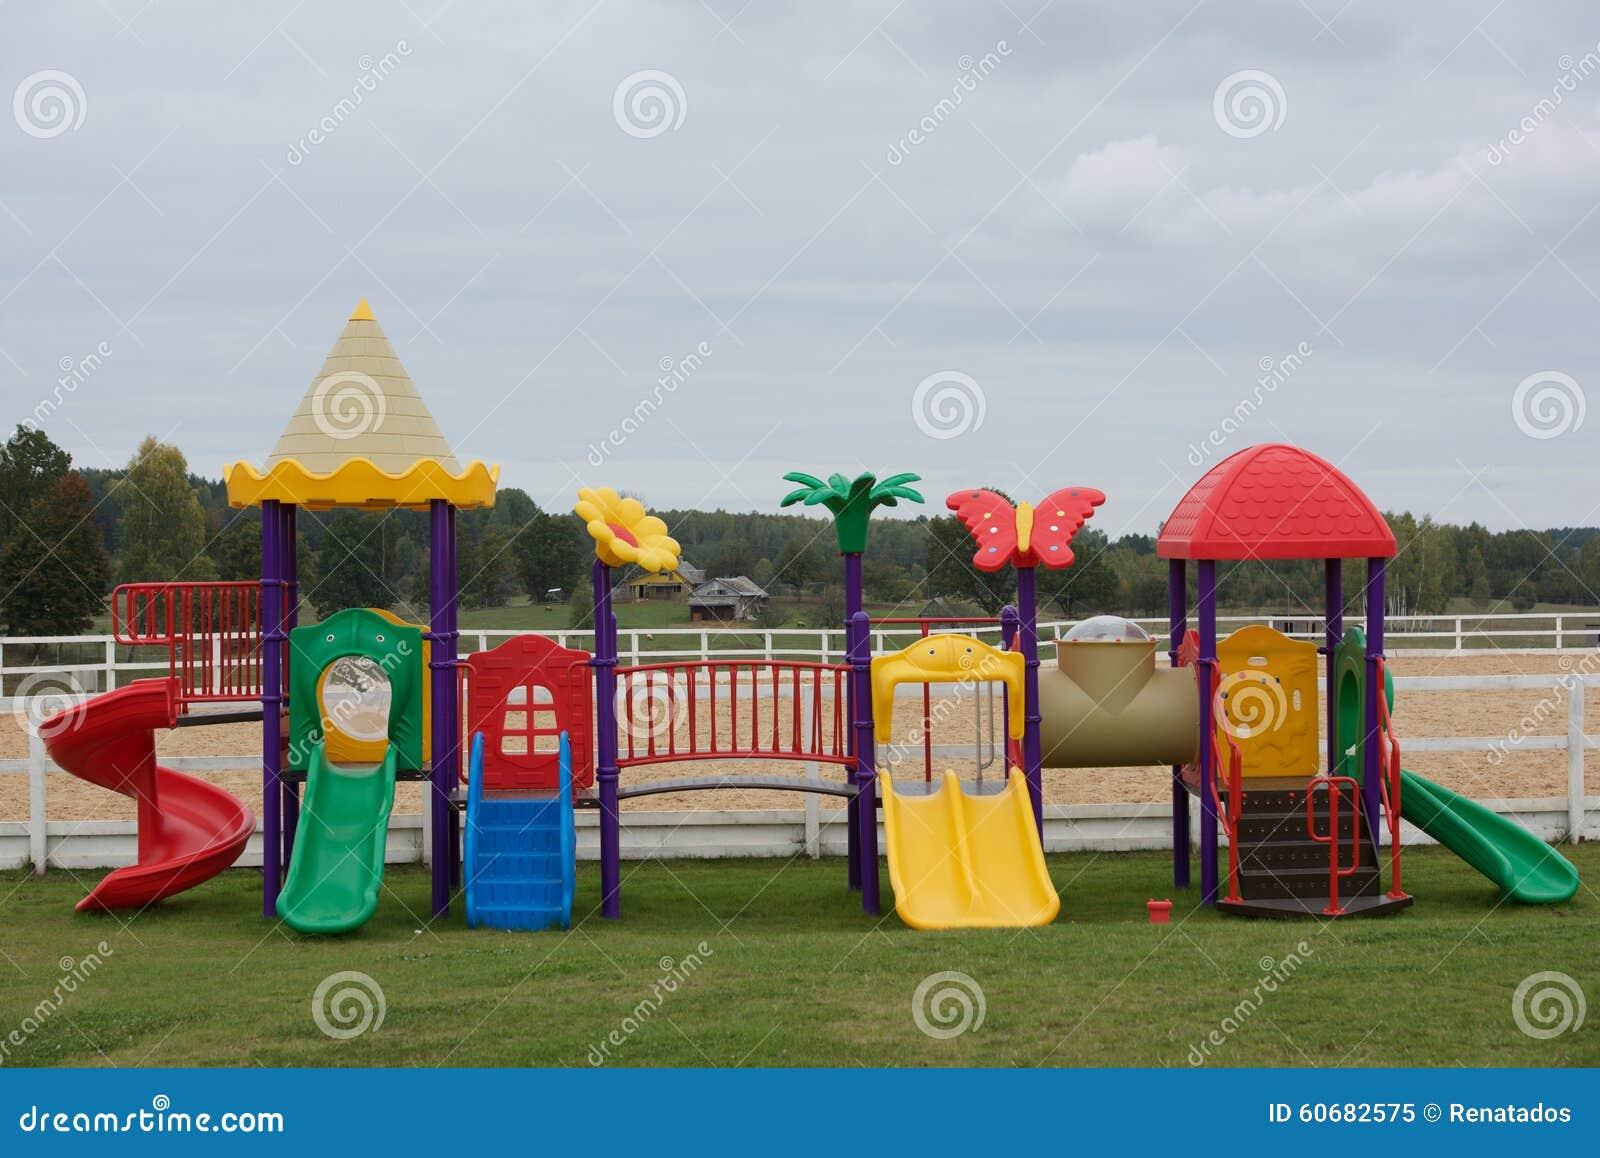 Juegos Jardin Nios. Juguetes Columpio Al Aire Libre Muebles De ...